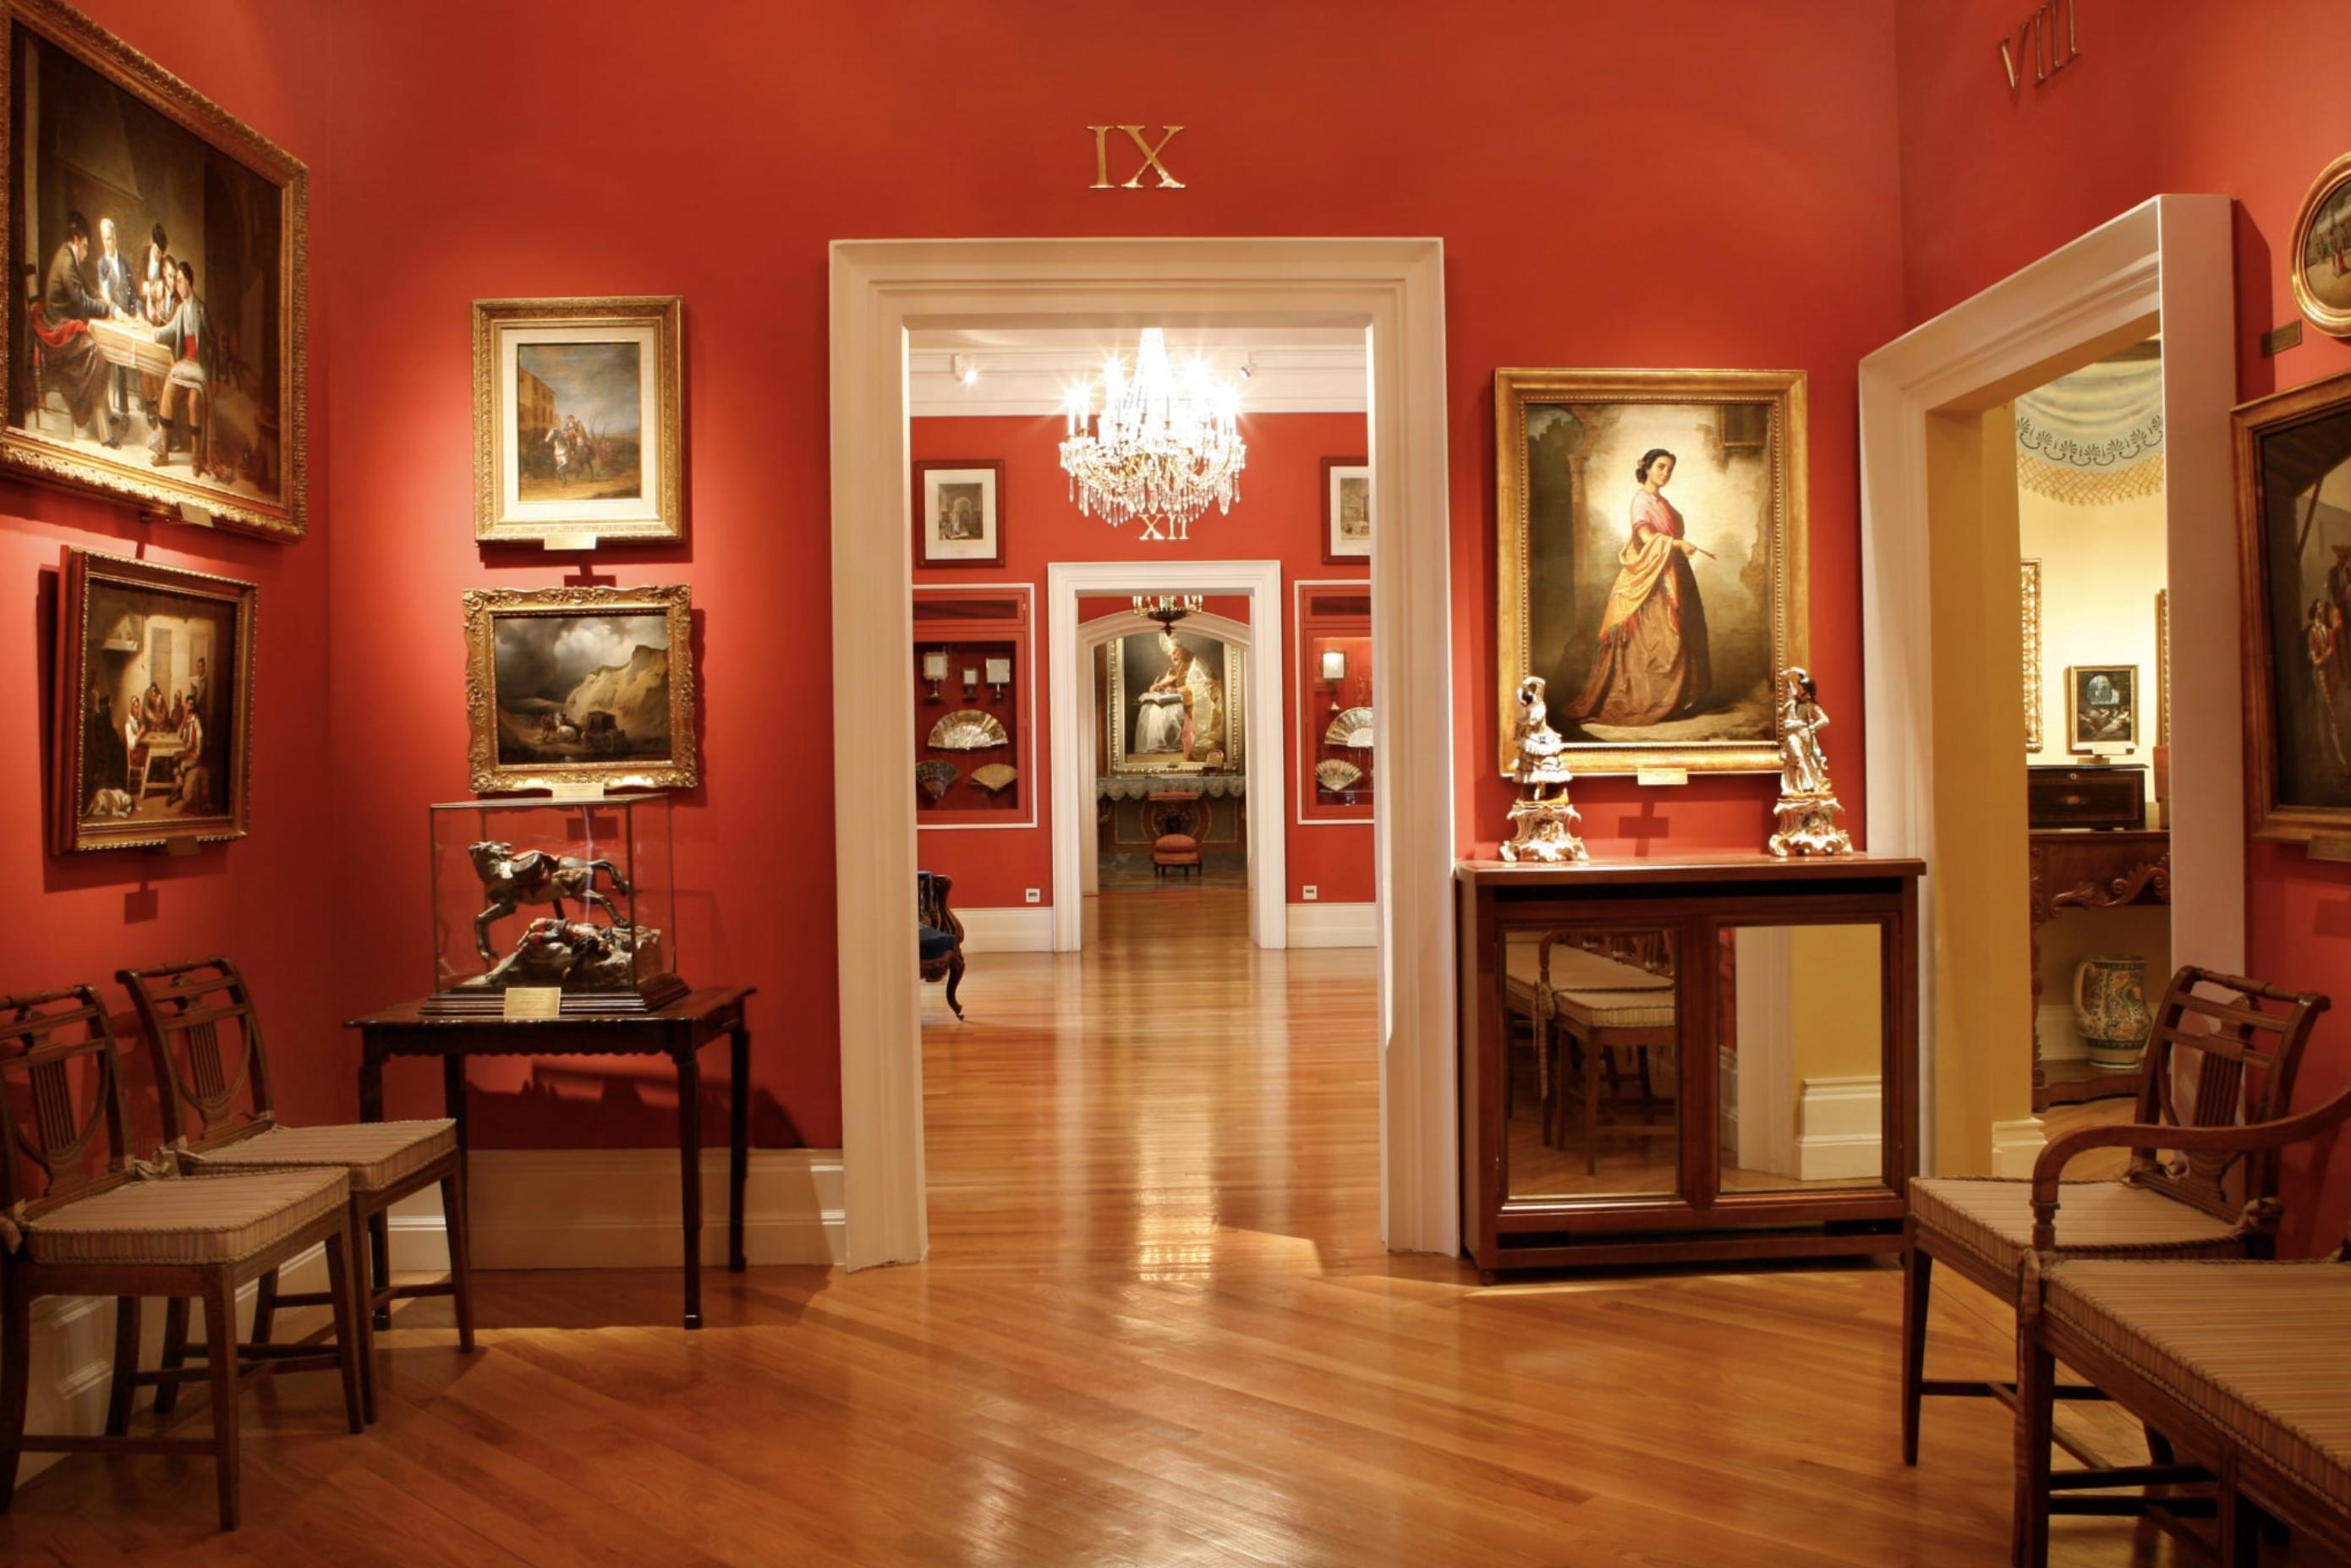 El Museo del Romanticismo cerrado de nuevo por Covid-19